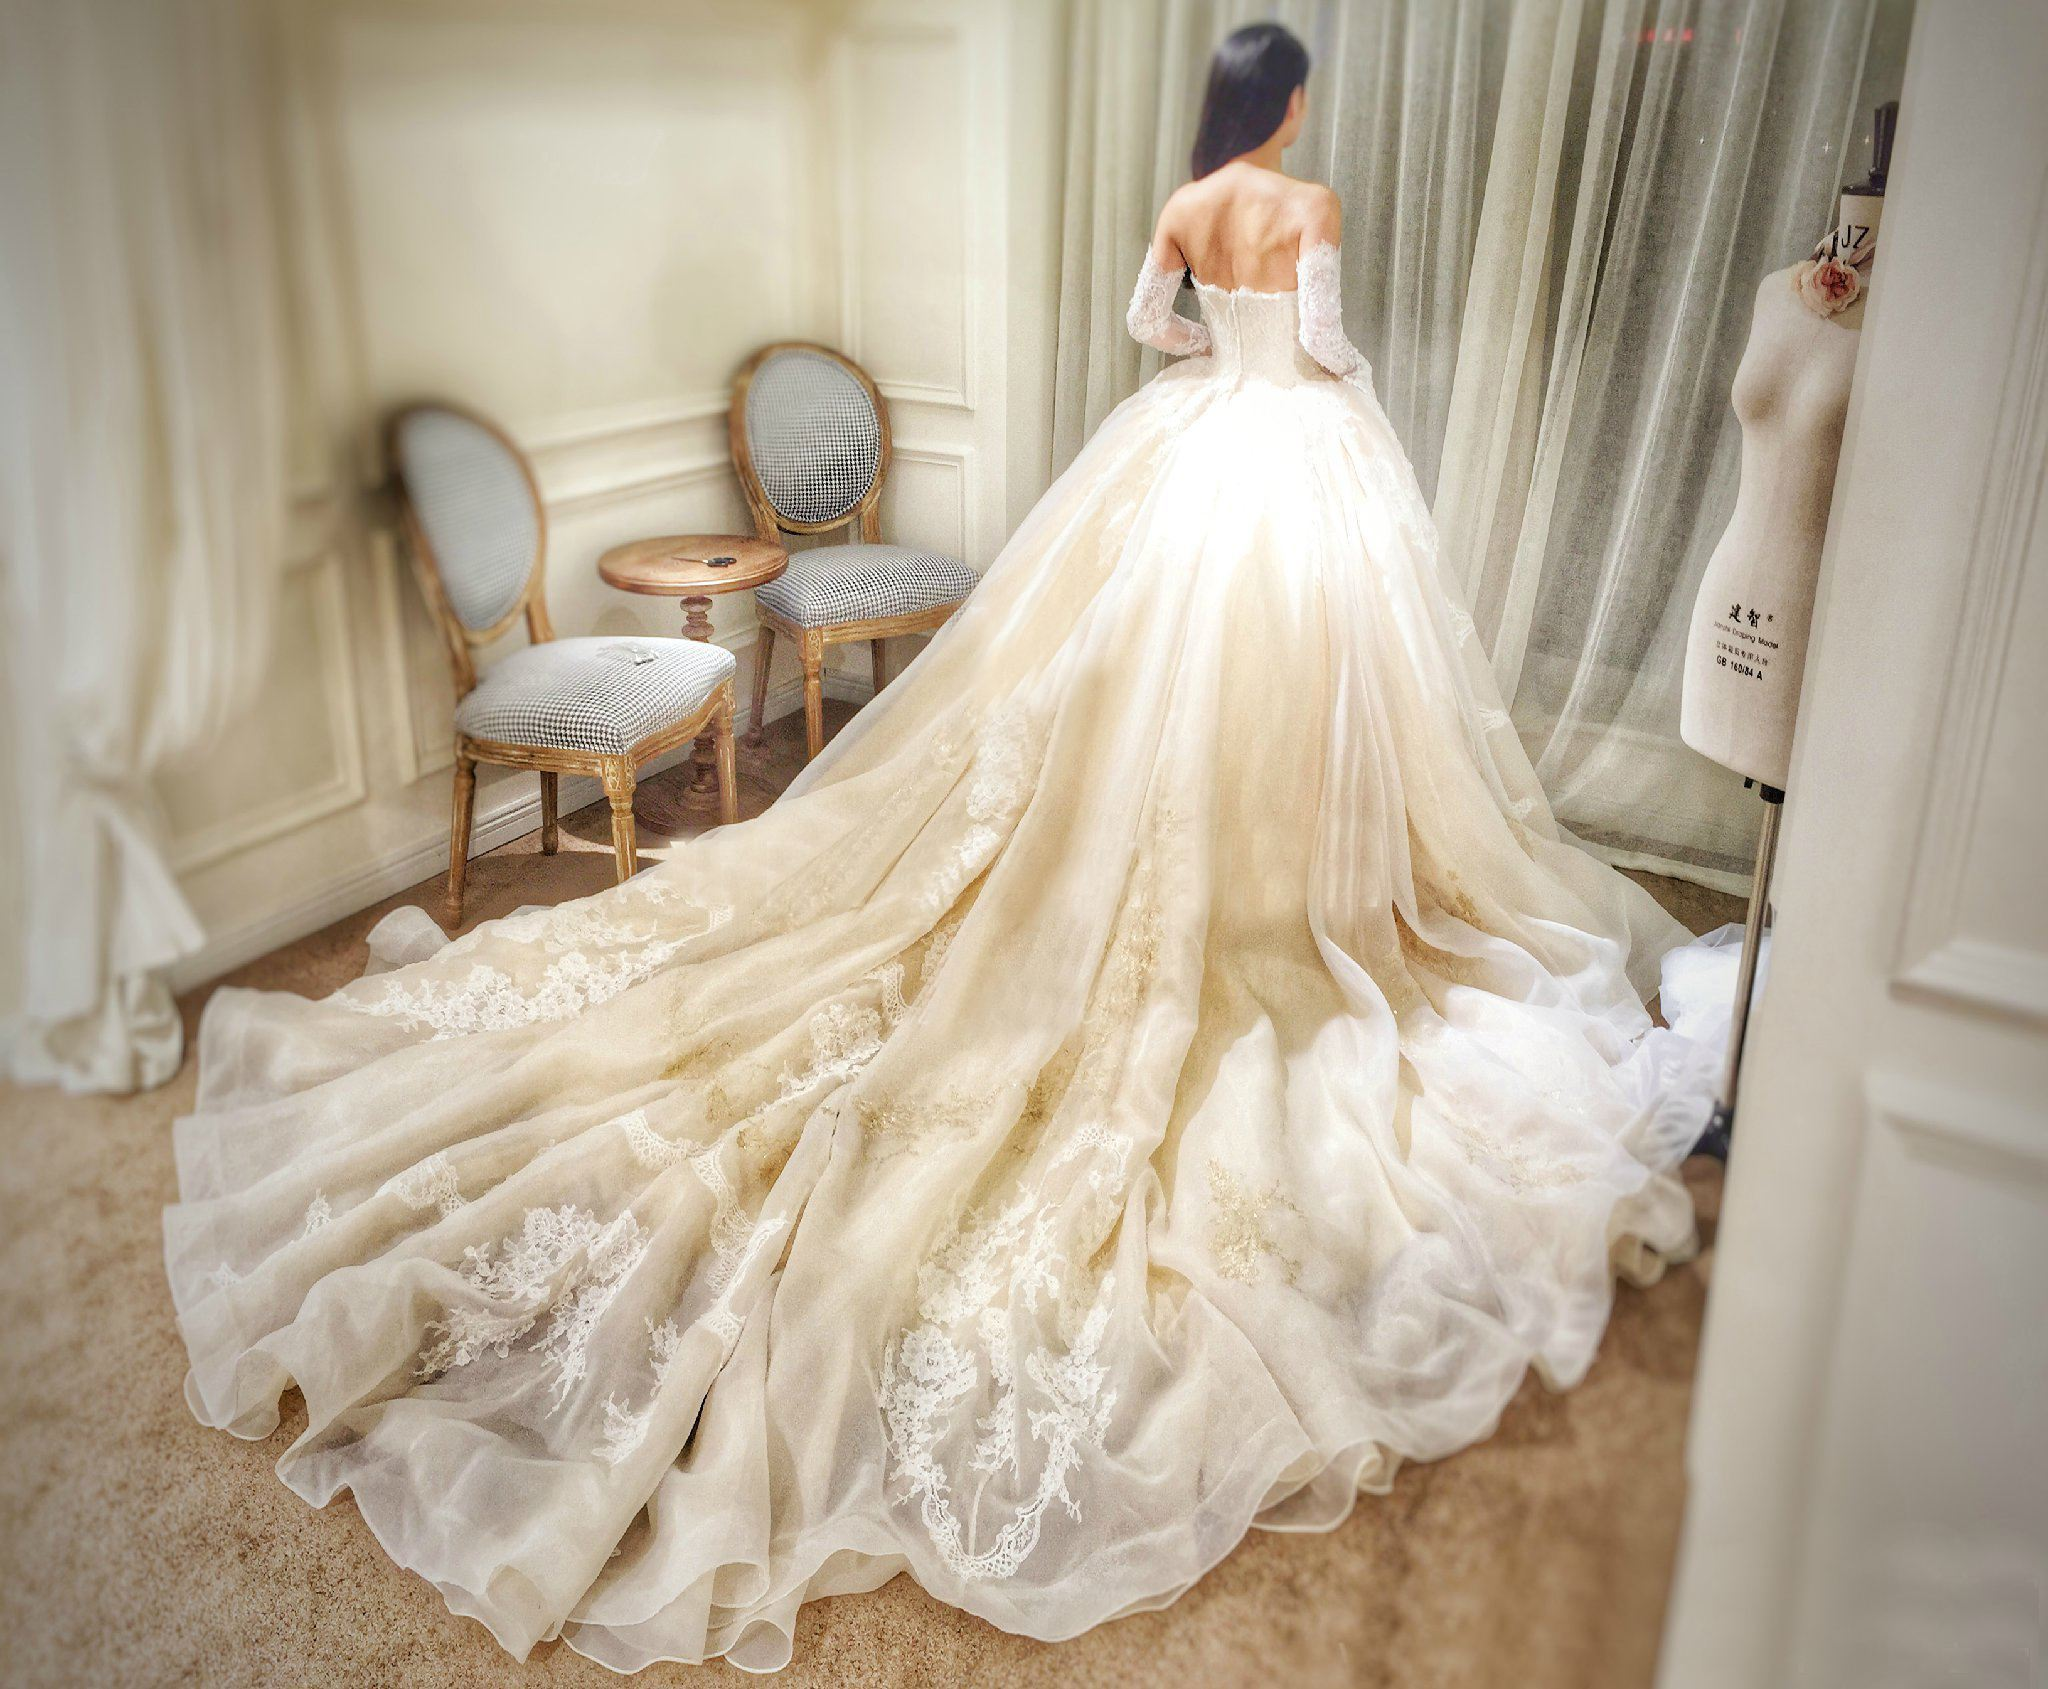 婚纱有哪几种风格_婚纱风格分为哪几种